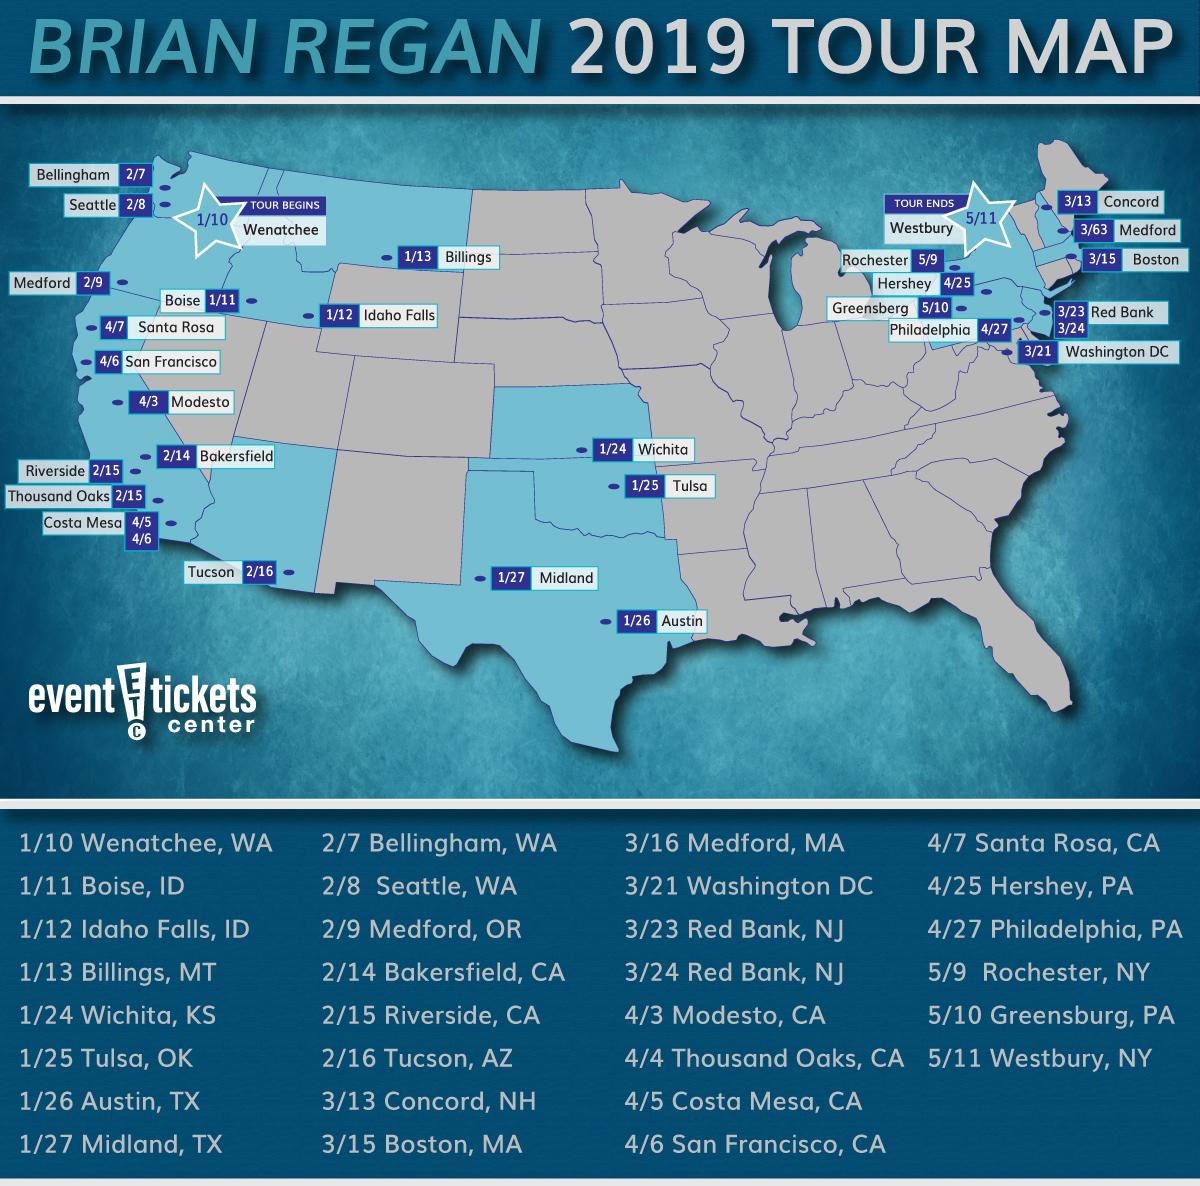 brian regan announces spring 2019 tour dates